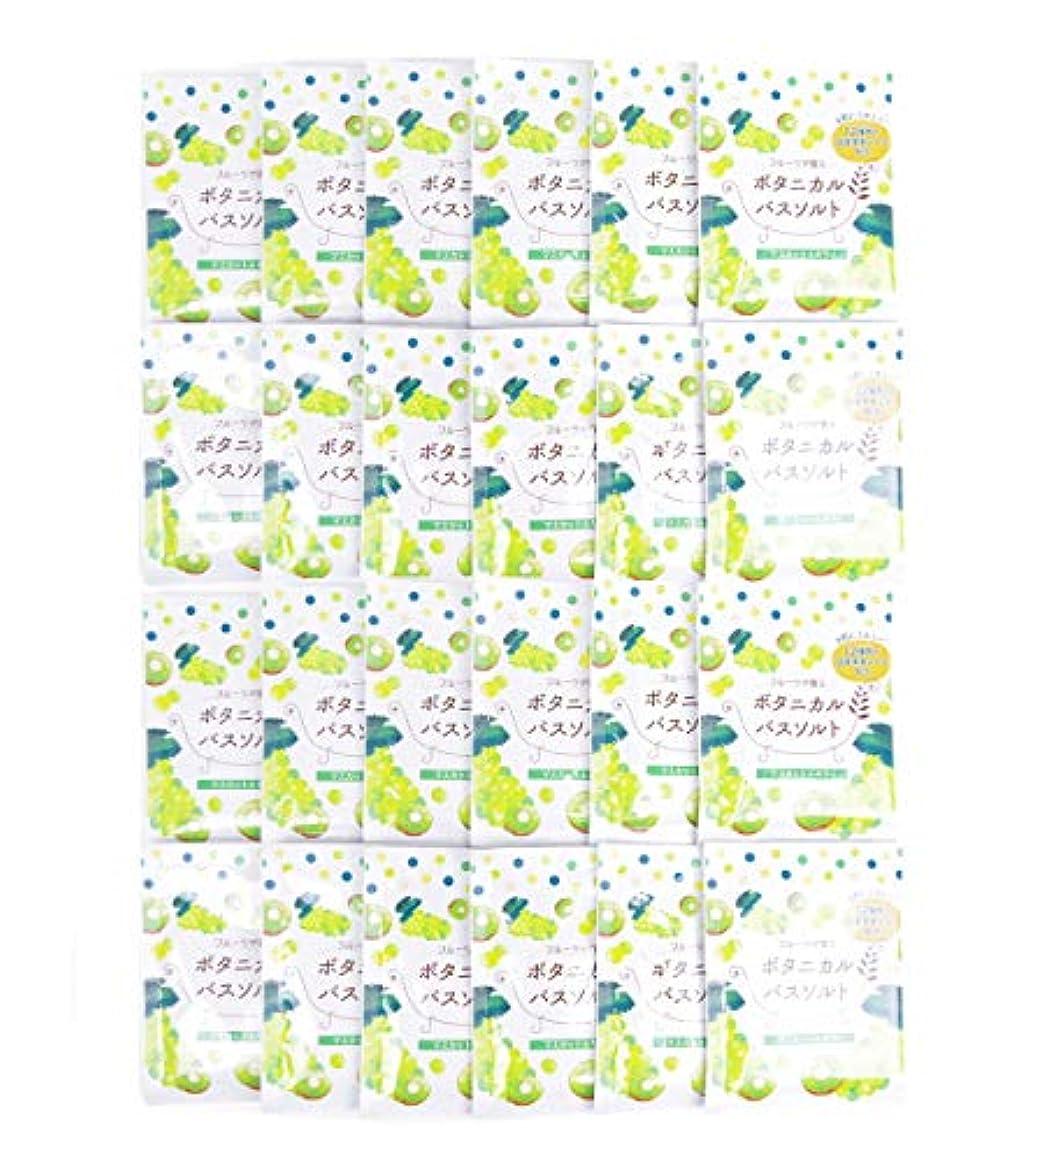 体ファンブルボトルネック松田医薬品 フルーツが香るボタニカルバスソルト マスカット&キウイ 30g 24個セット